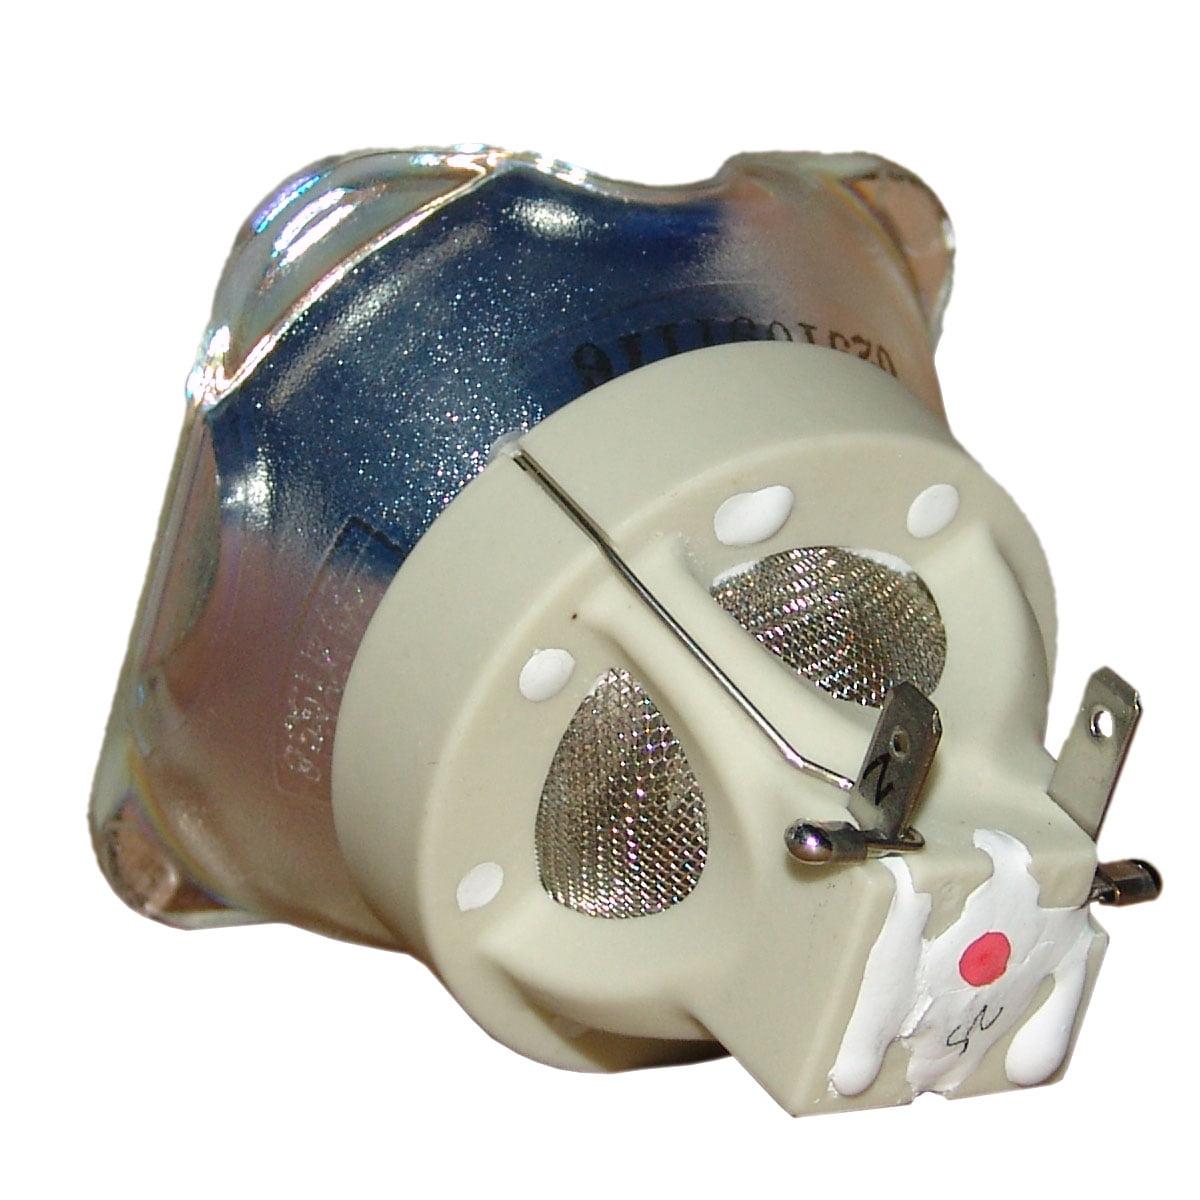 Lampe de rechange Philips originale pour Projecteur Philips 9281 773 05390 (ampoule uniquement) - image 2 de 5